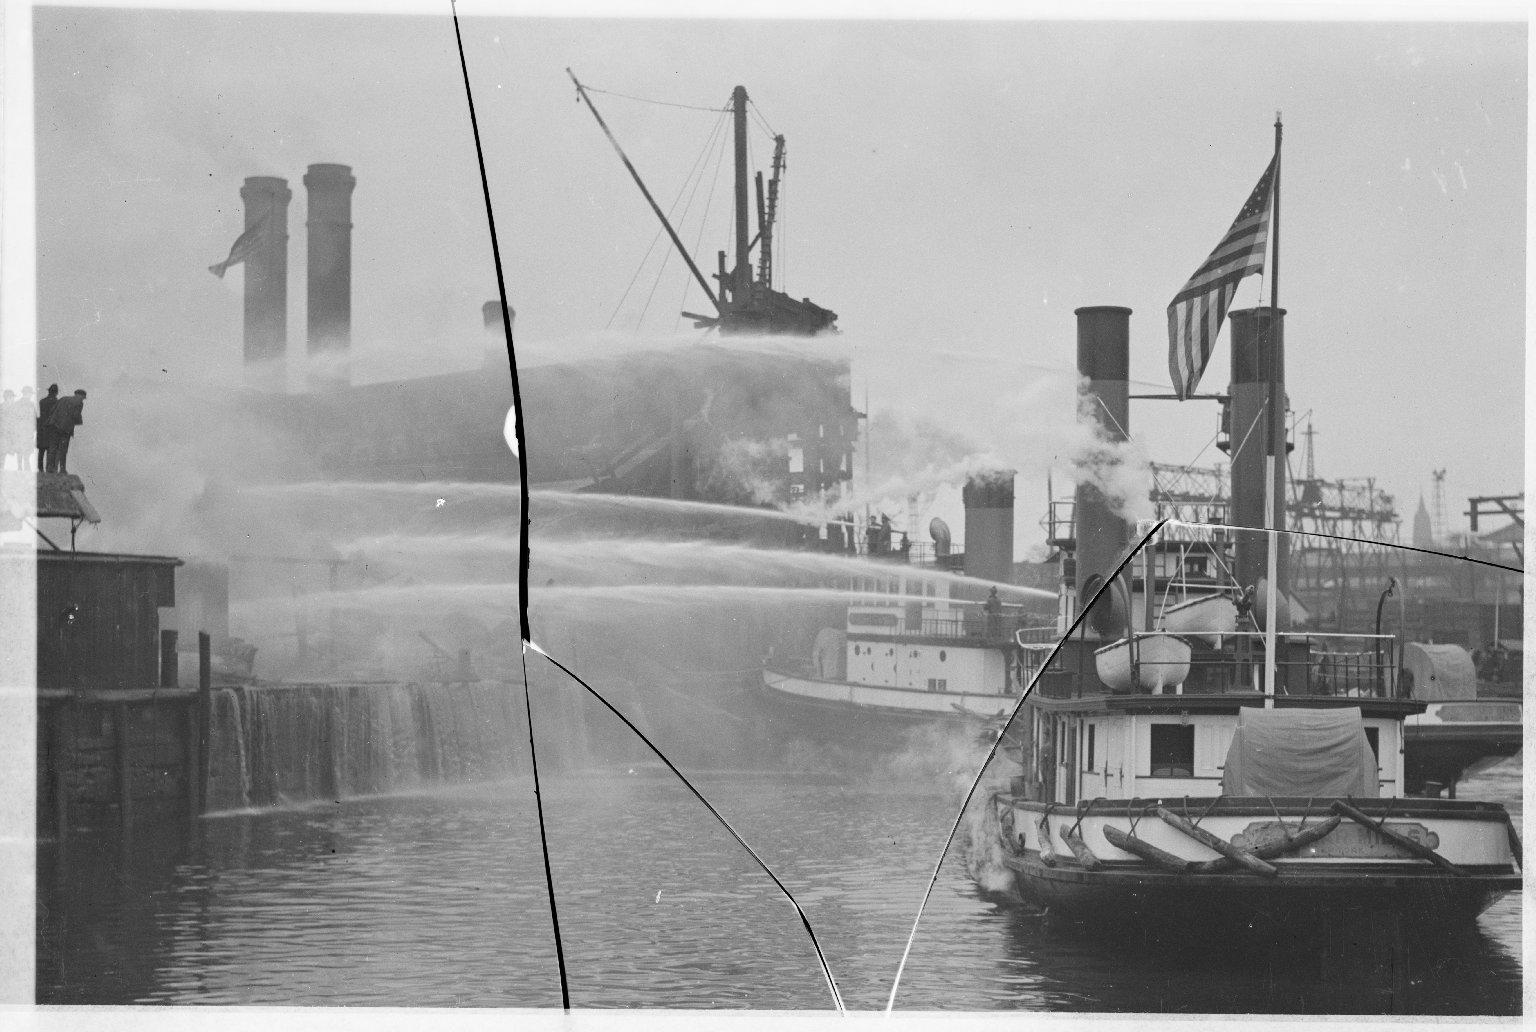 Тушение пожара с помощью пожарных катеров. Нью-Йорк, США. 1950-е